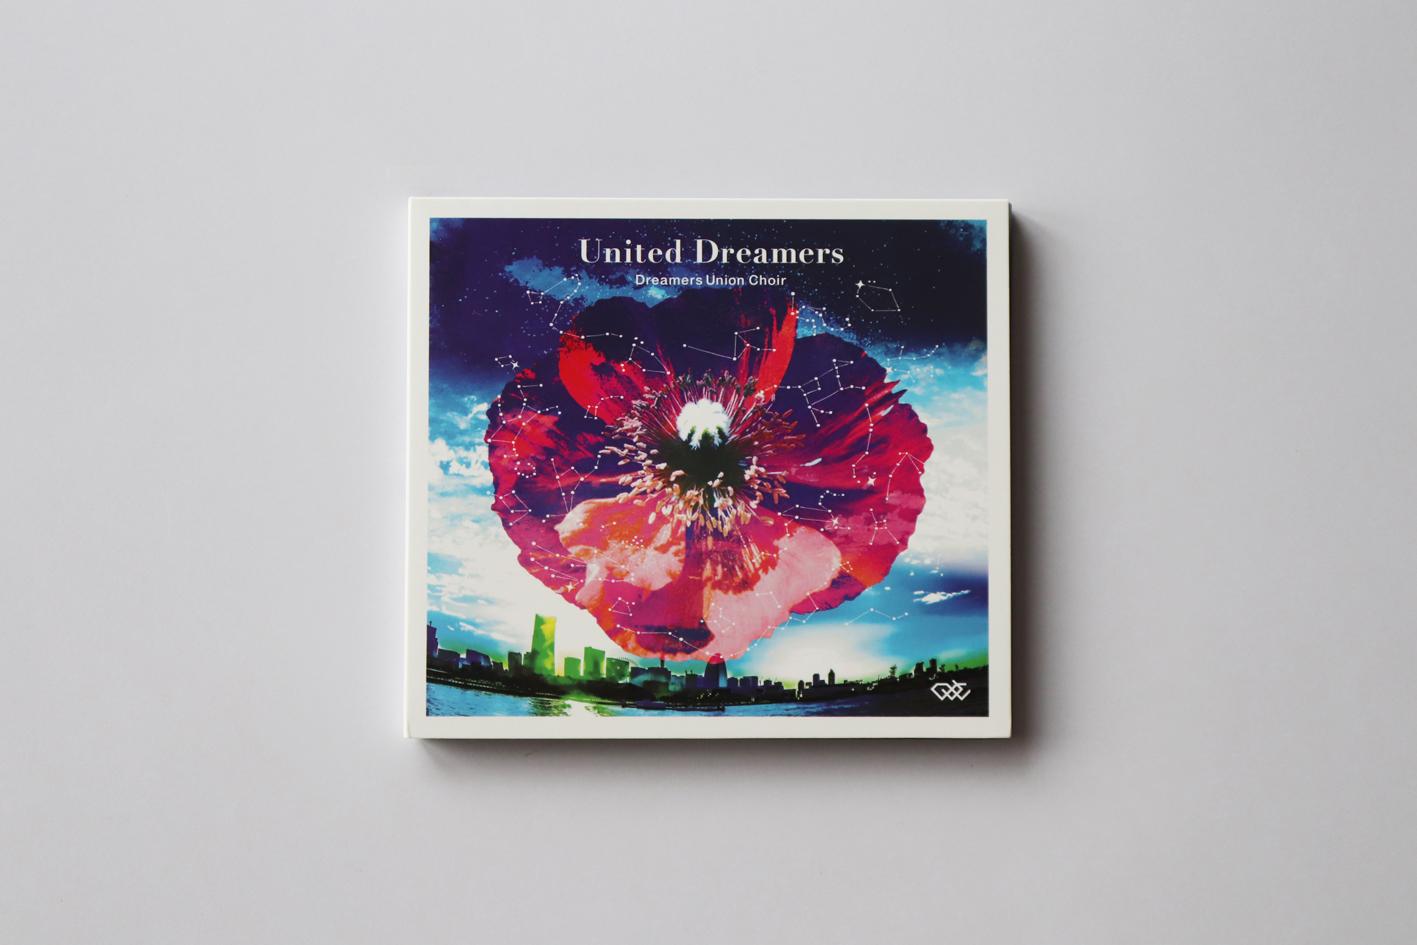 DUC newアルバム【United Dreamers】ジャケットデザイン制作